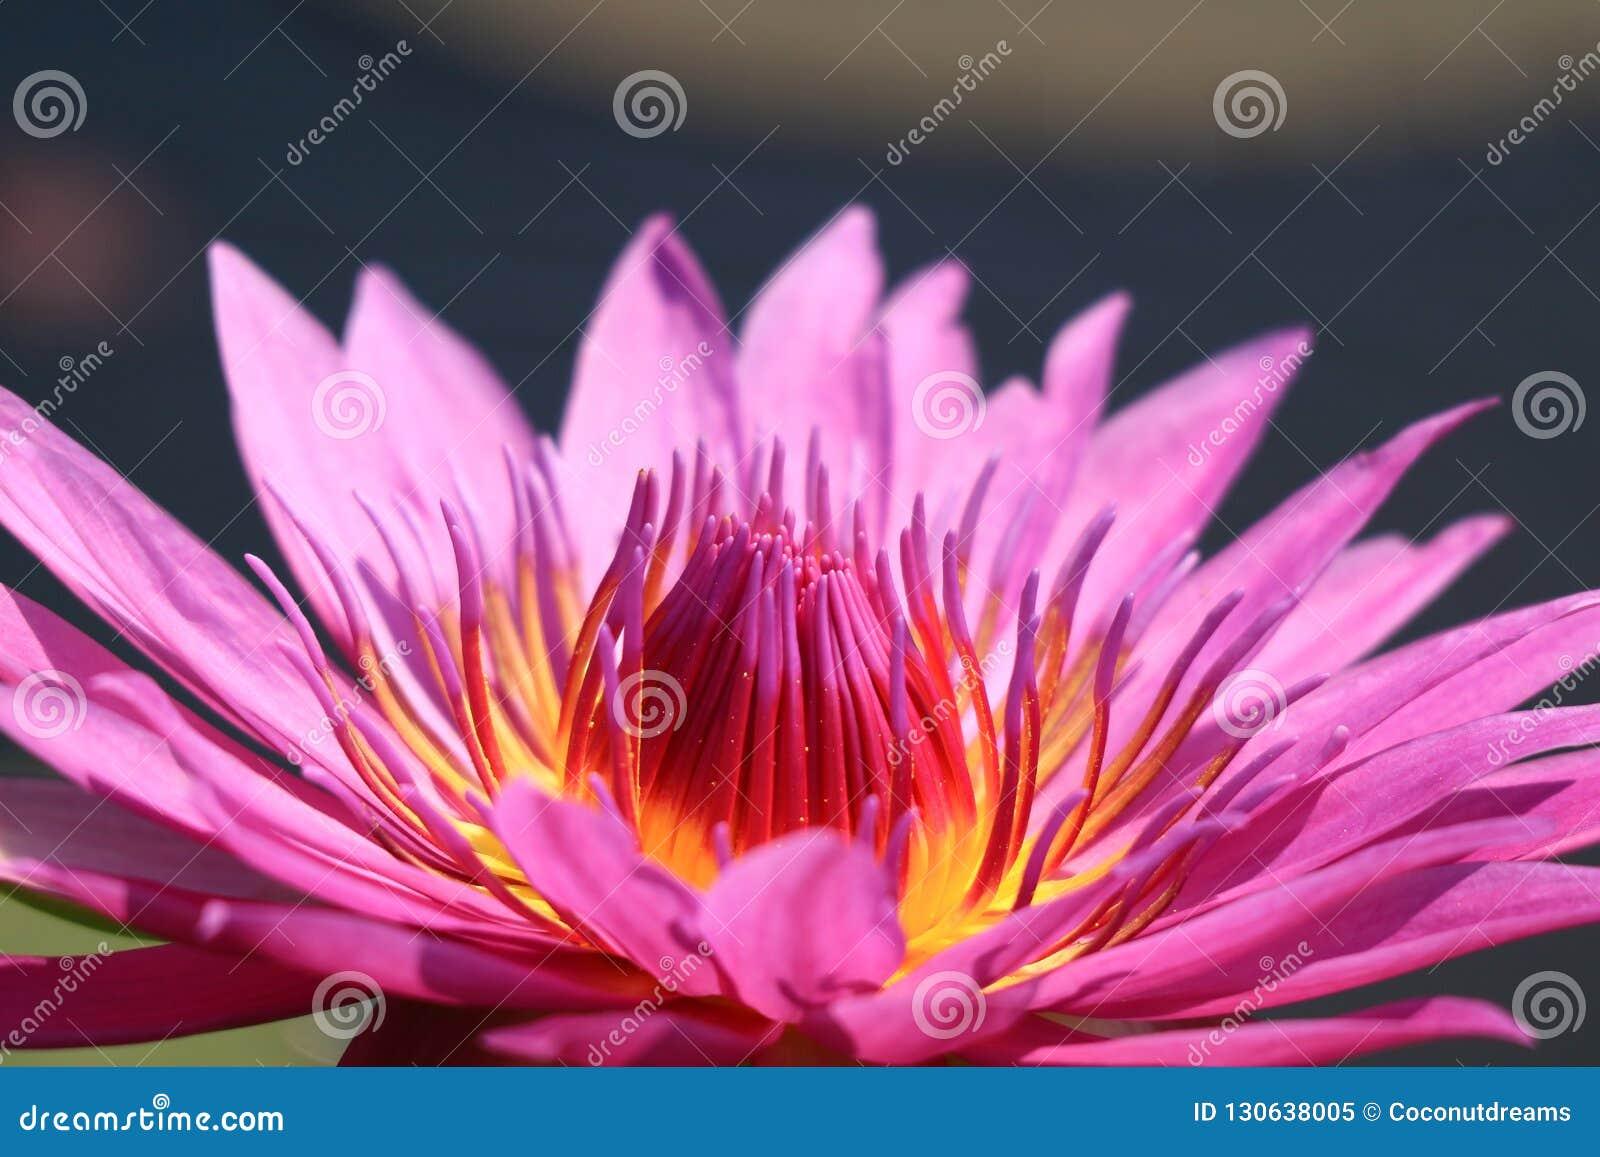 Fermez-vous d un rose pourpre vibrant Lotus Flower de pleine floraison à la lumière du soleil